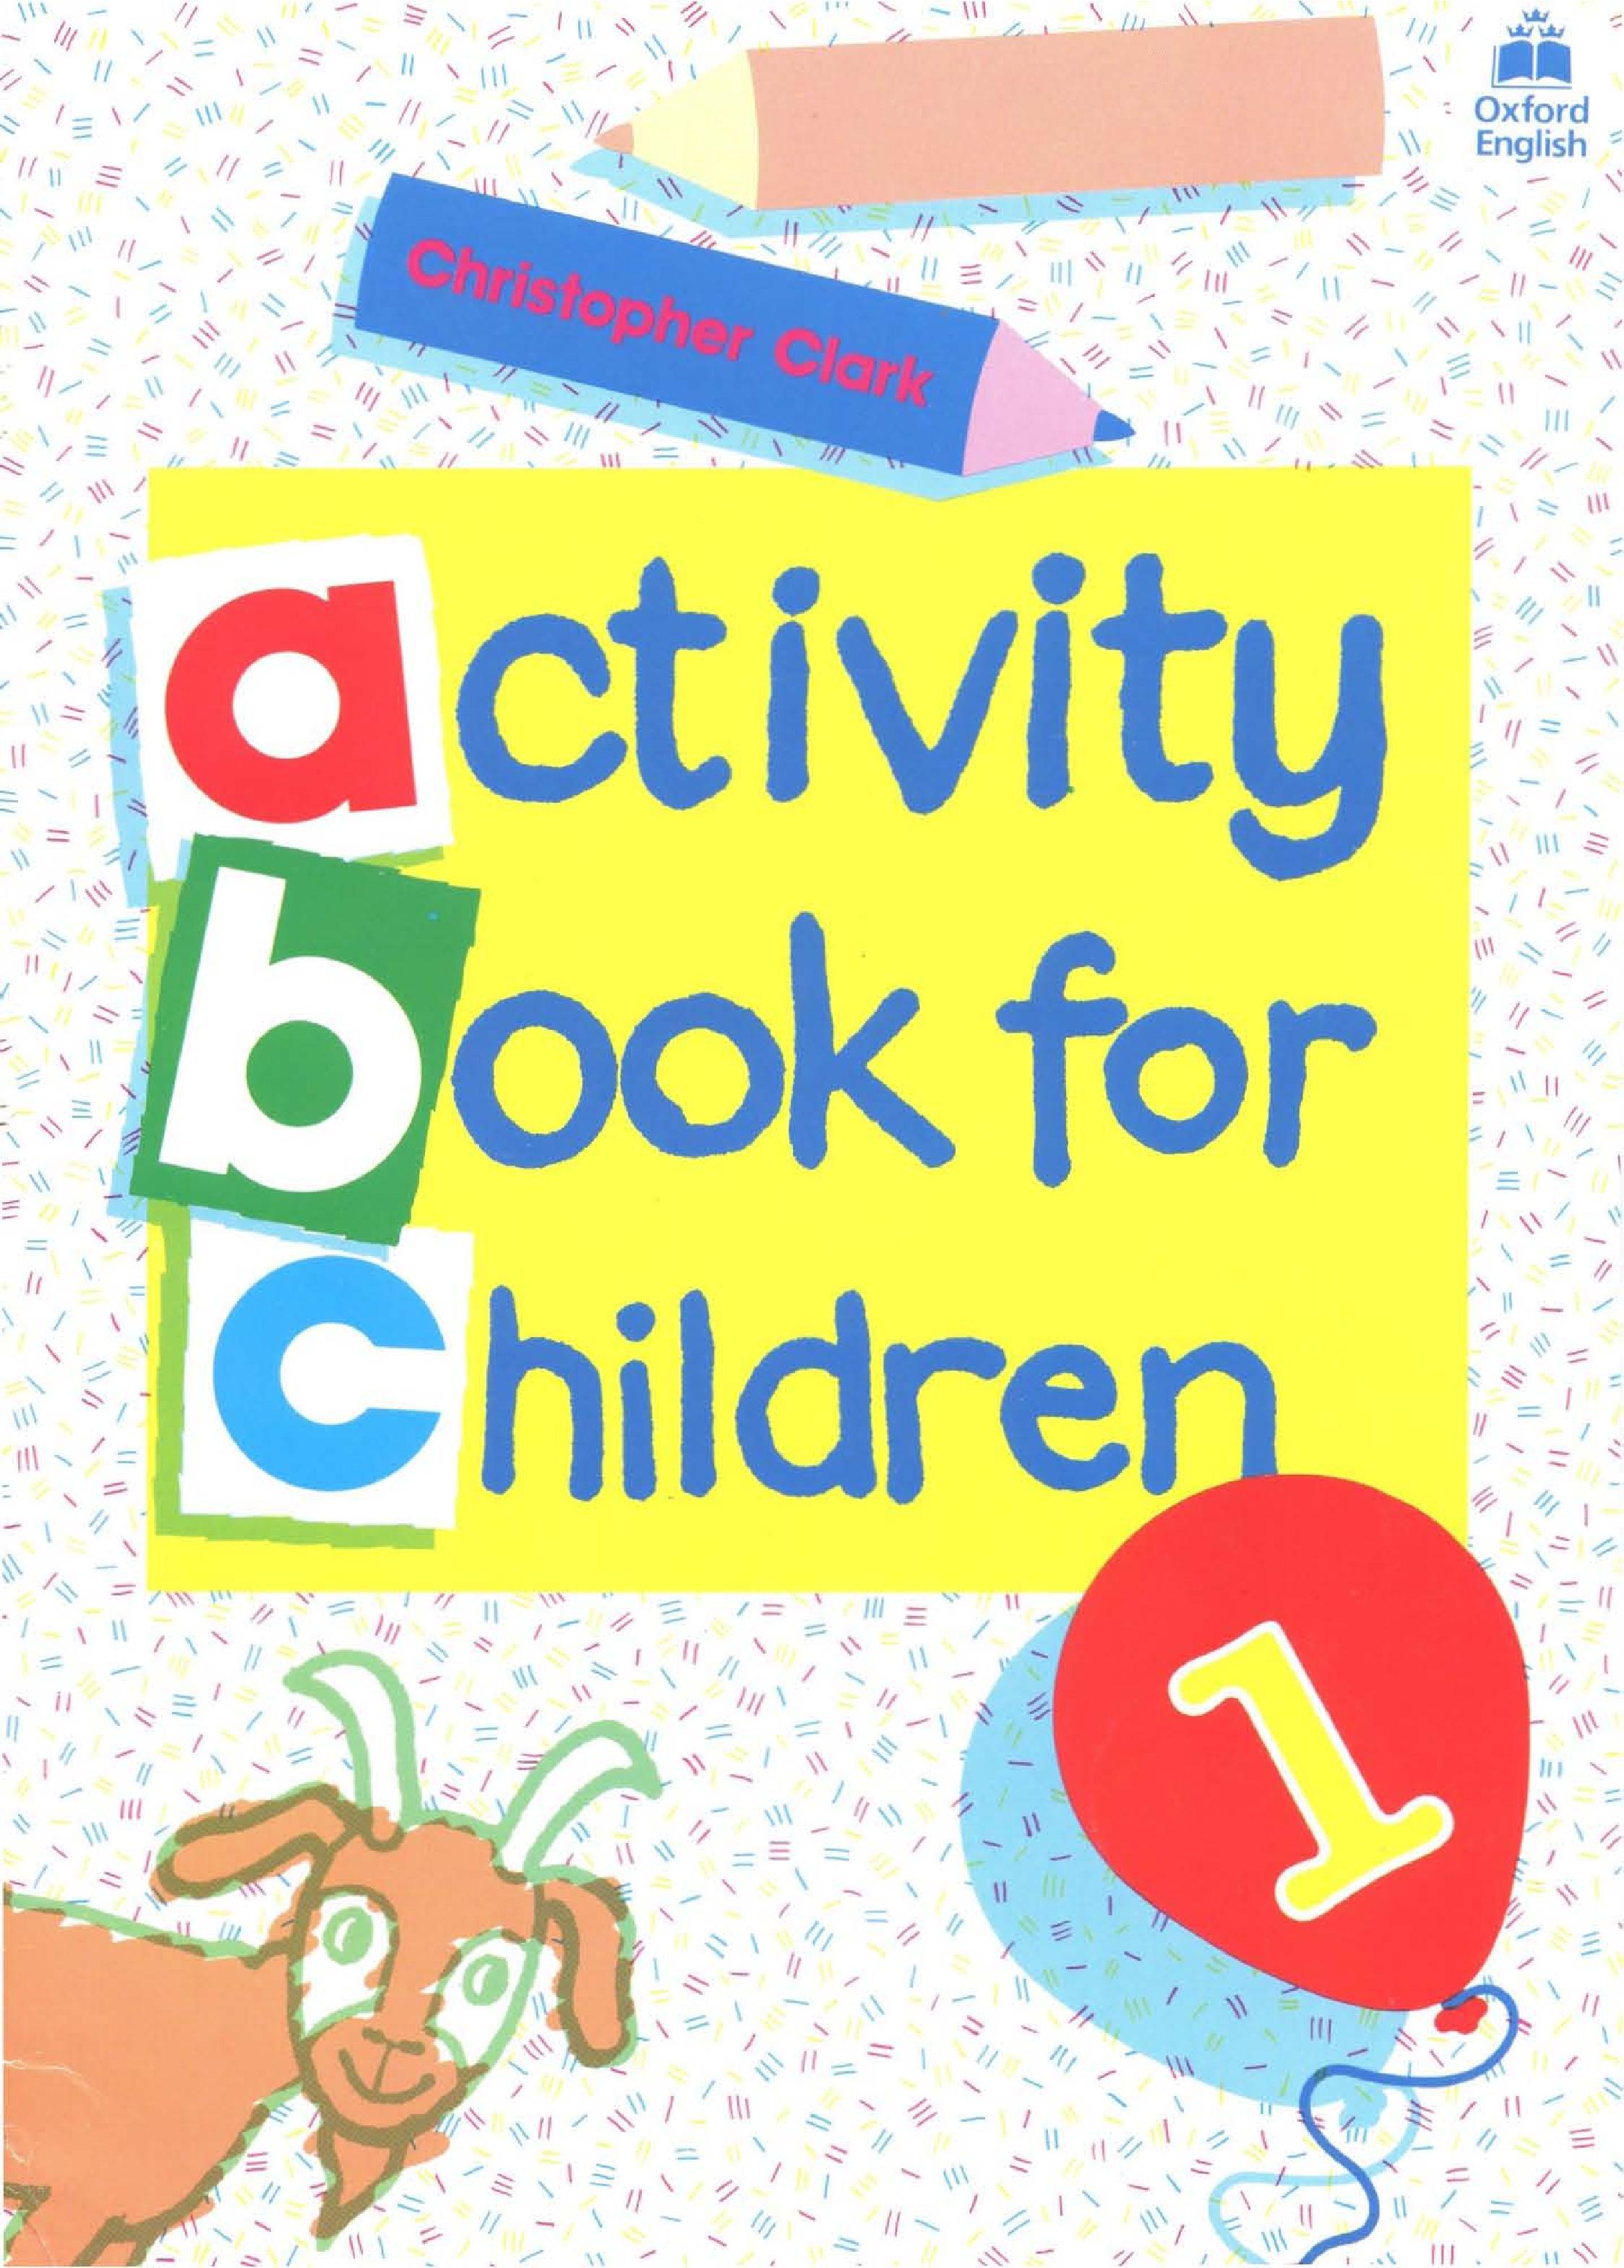 كتاب Oxford Activity Book Children